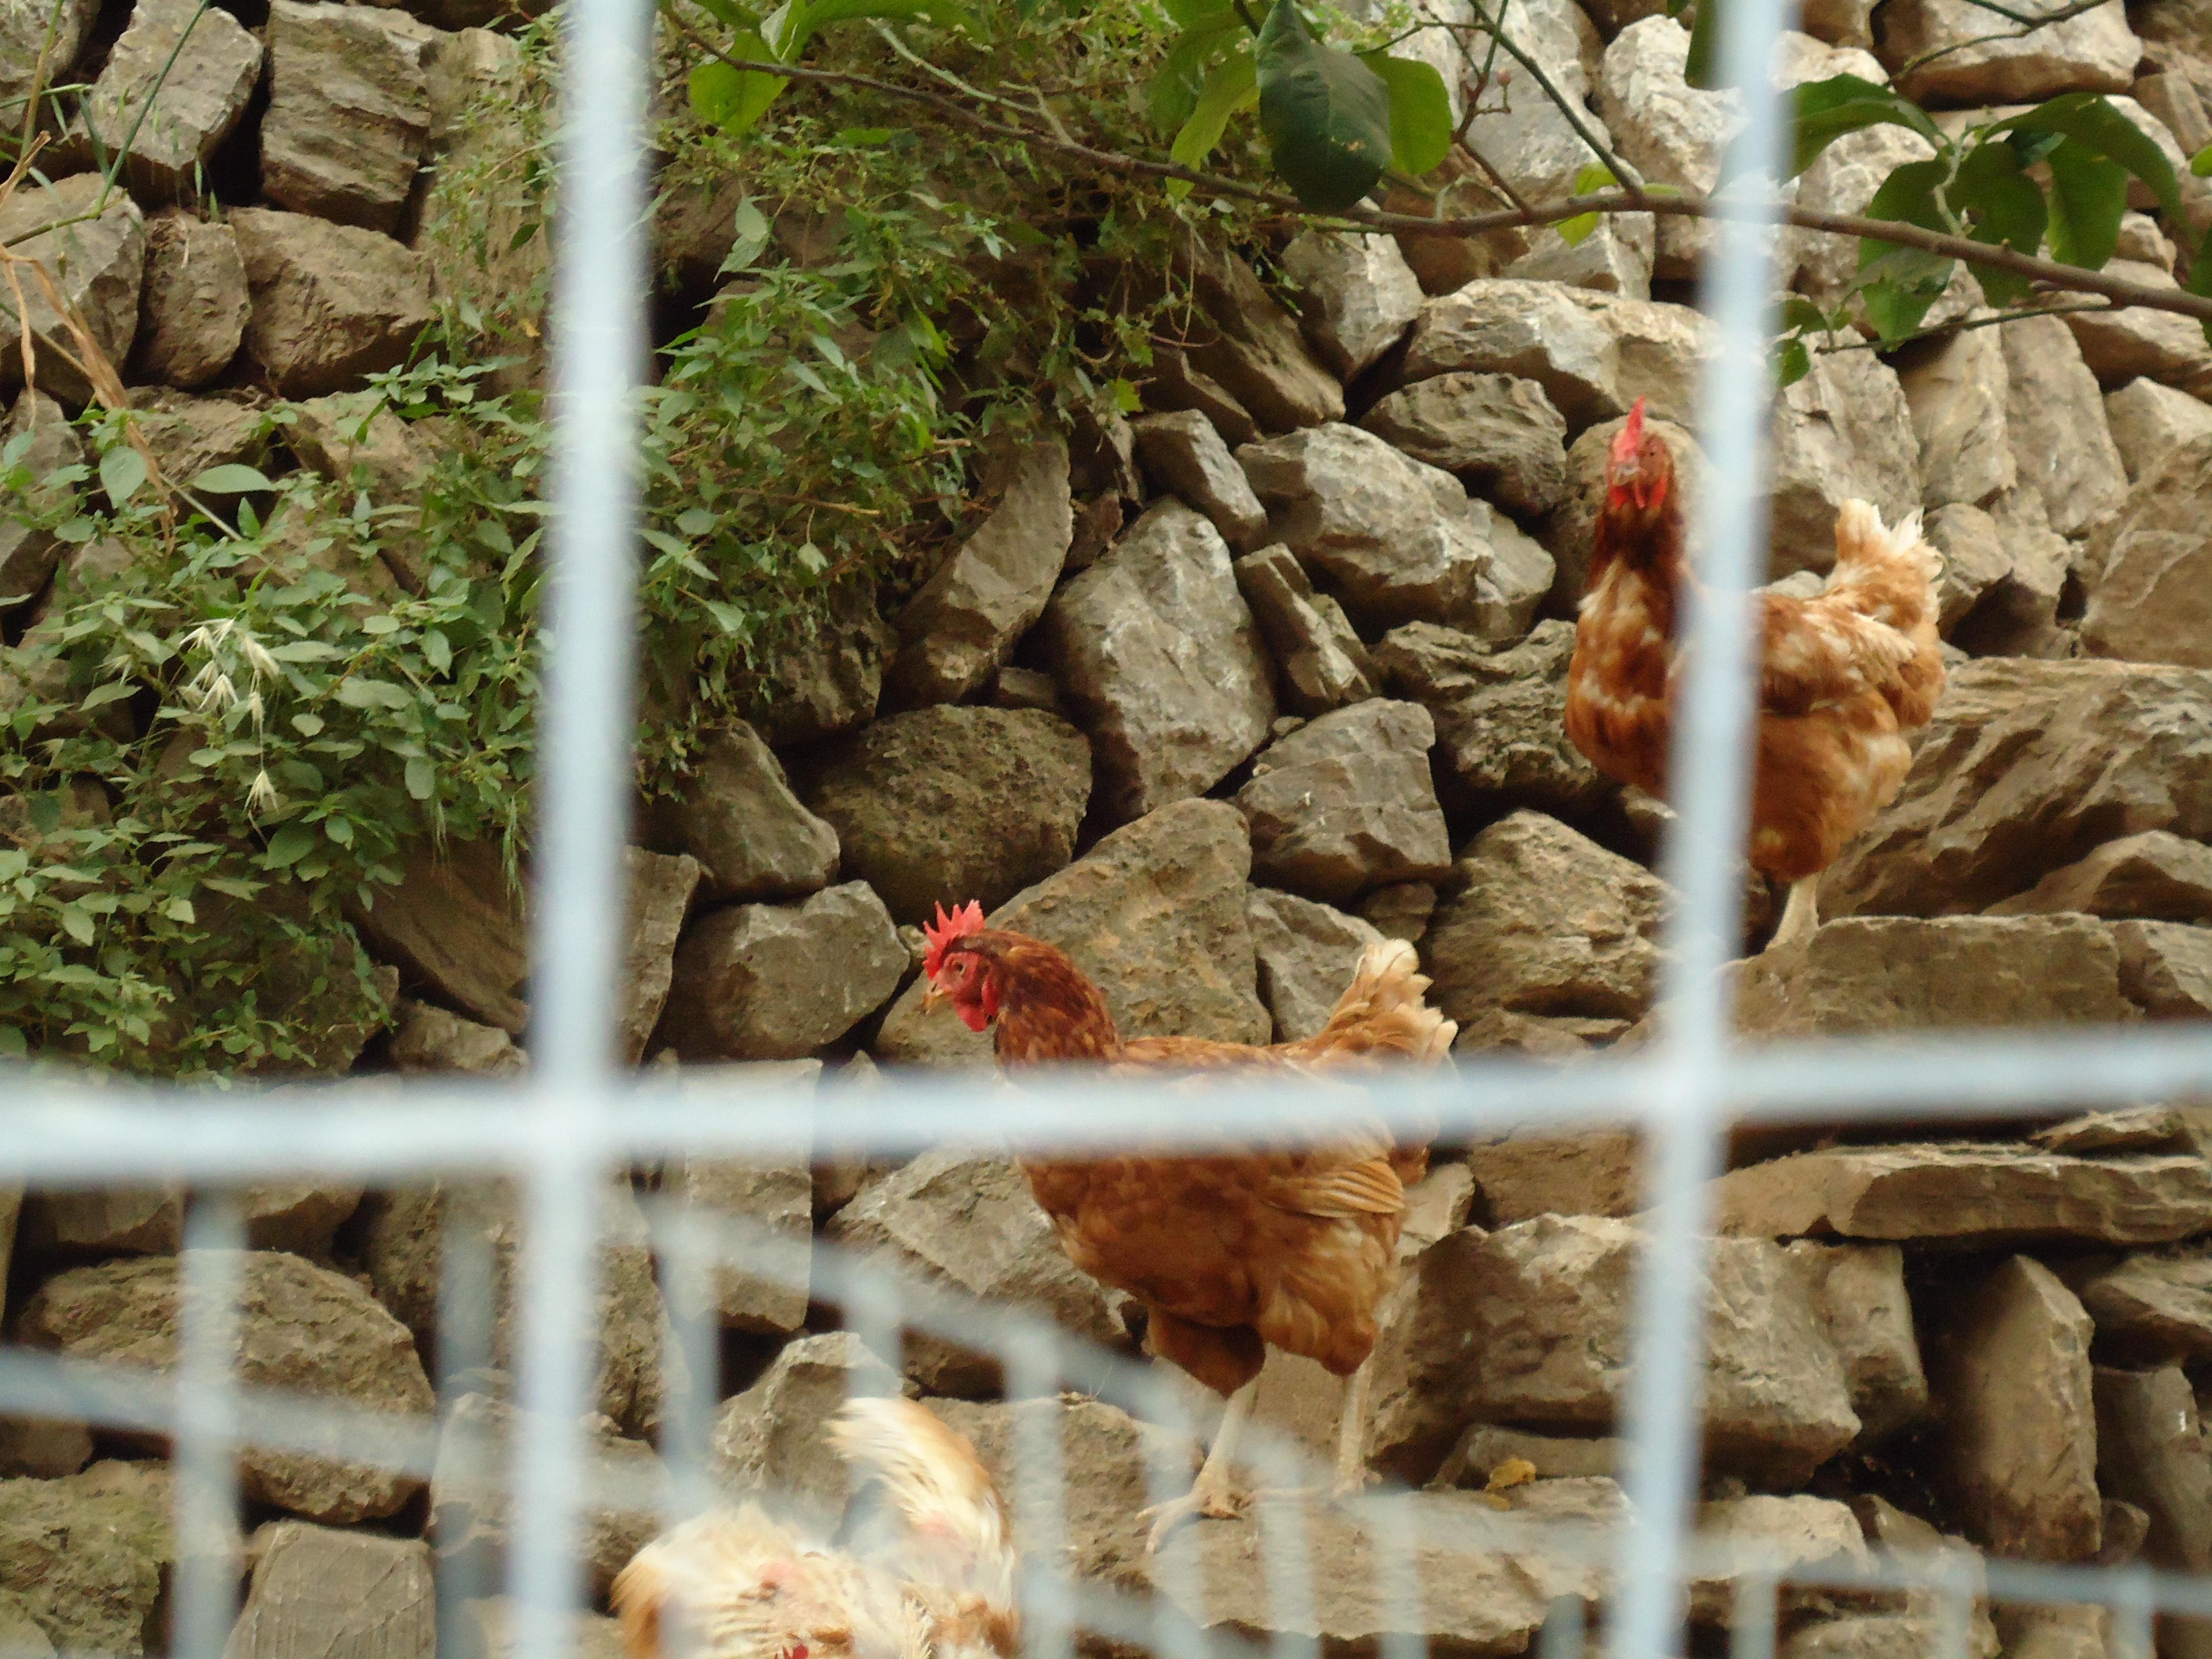 galline nell'azienda NISINATURA a Fiumedinisi